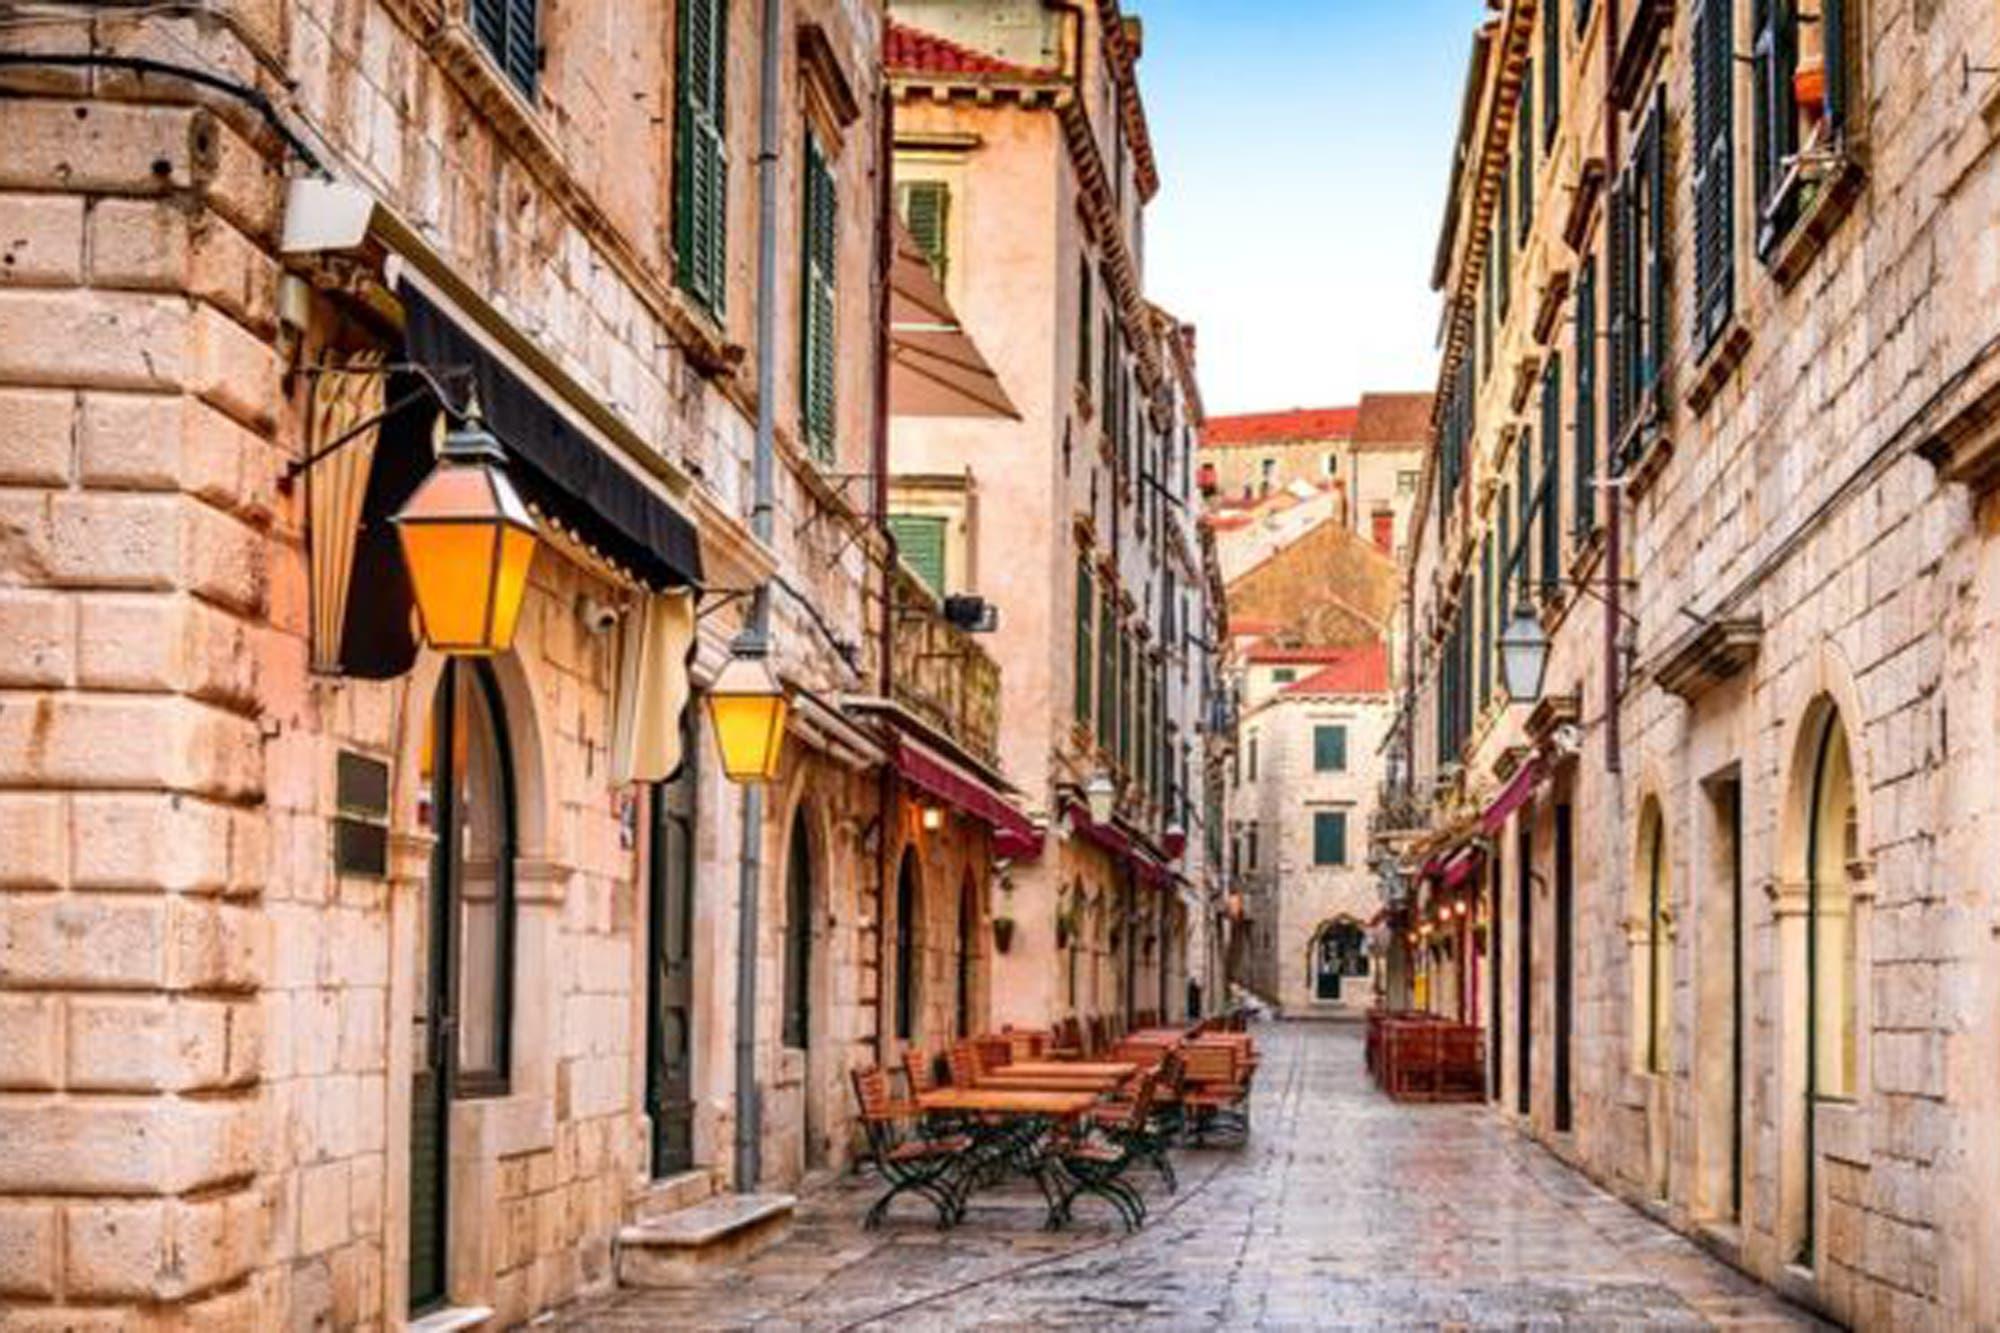 Coronavirus: Dubrovnik, la ciudad medieval planeada para una cuarentena